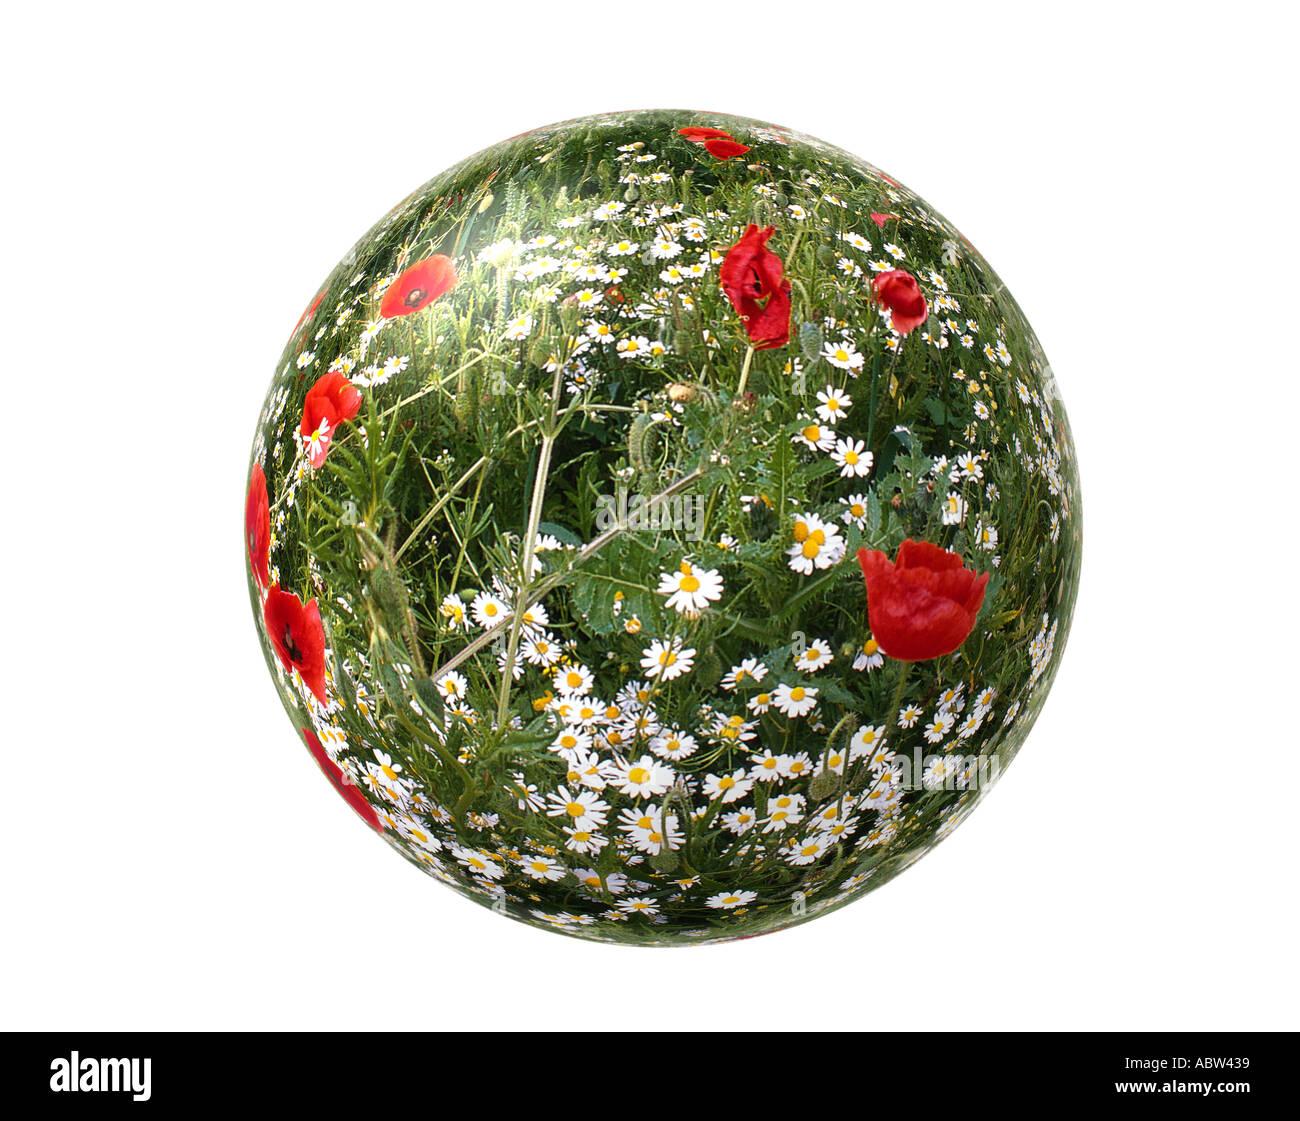 Concetto ambientale: il nostro mondo Immagini Stock